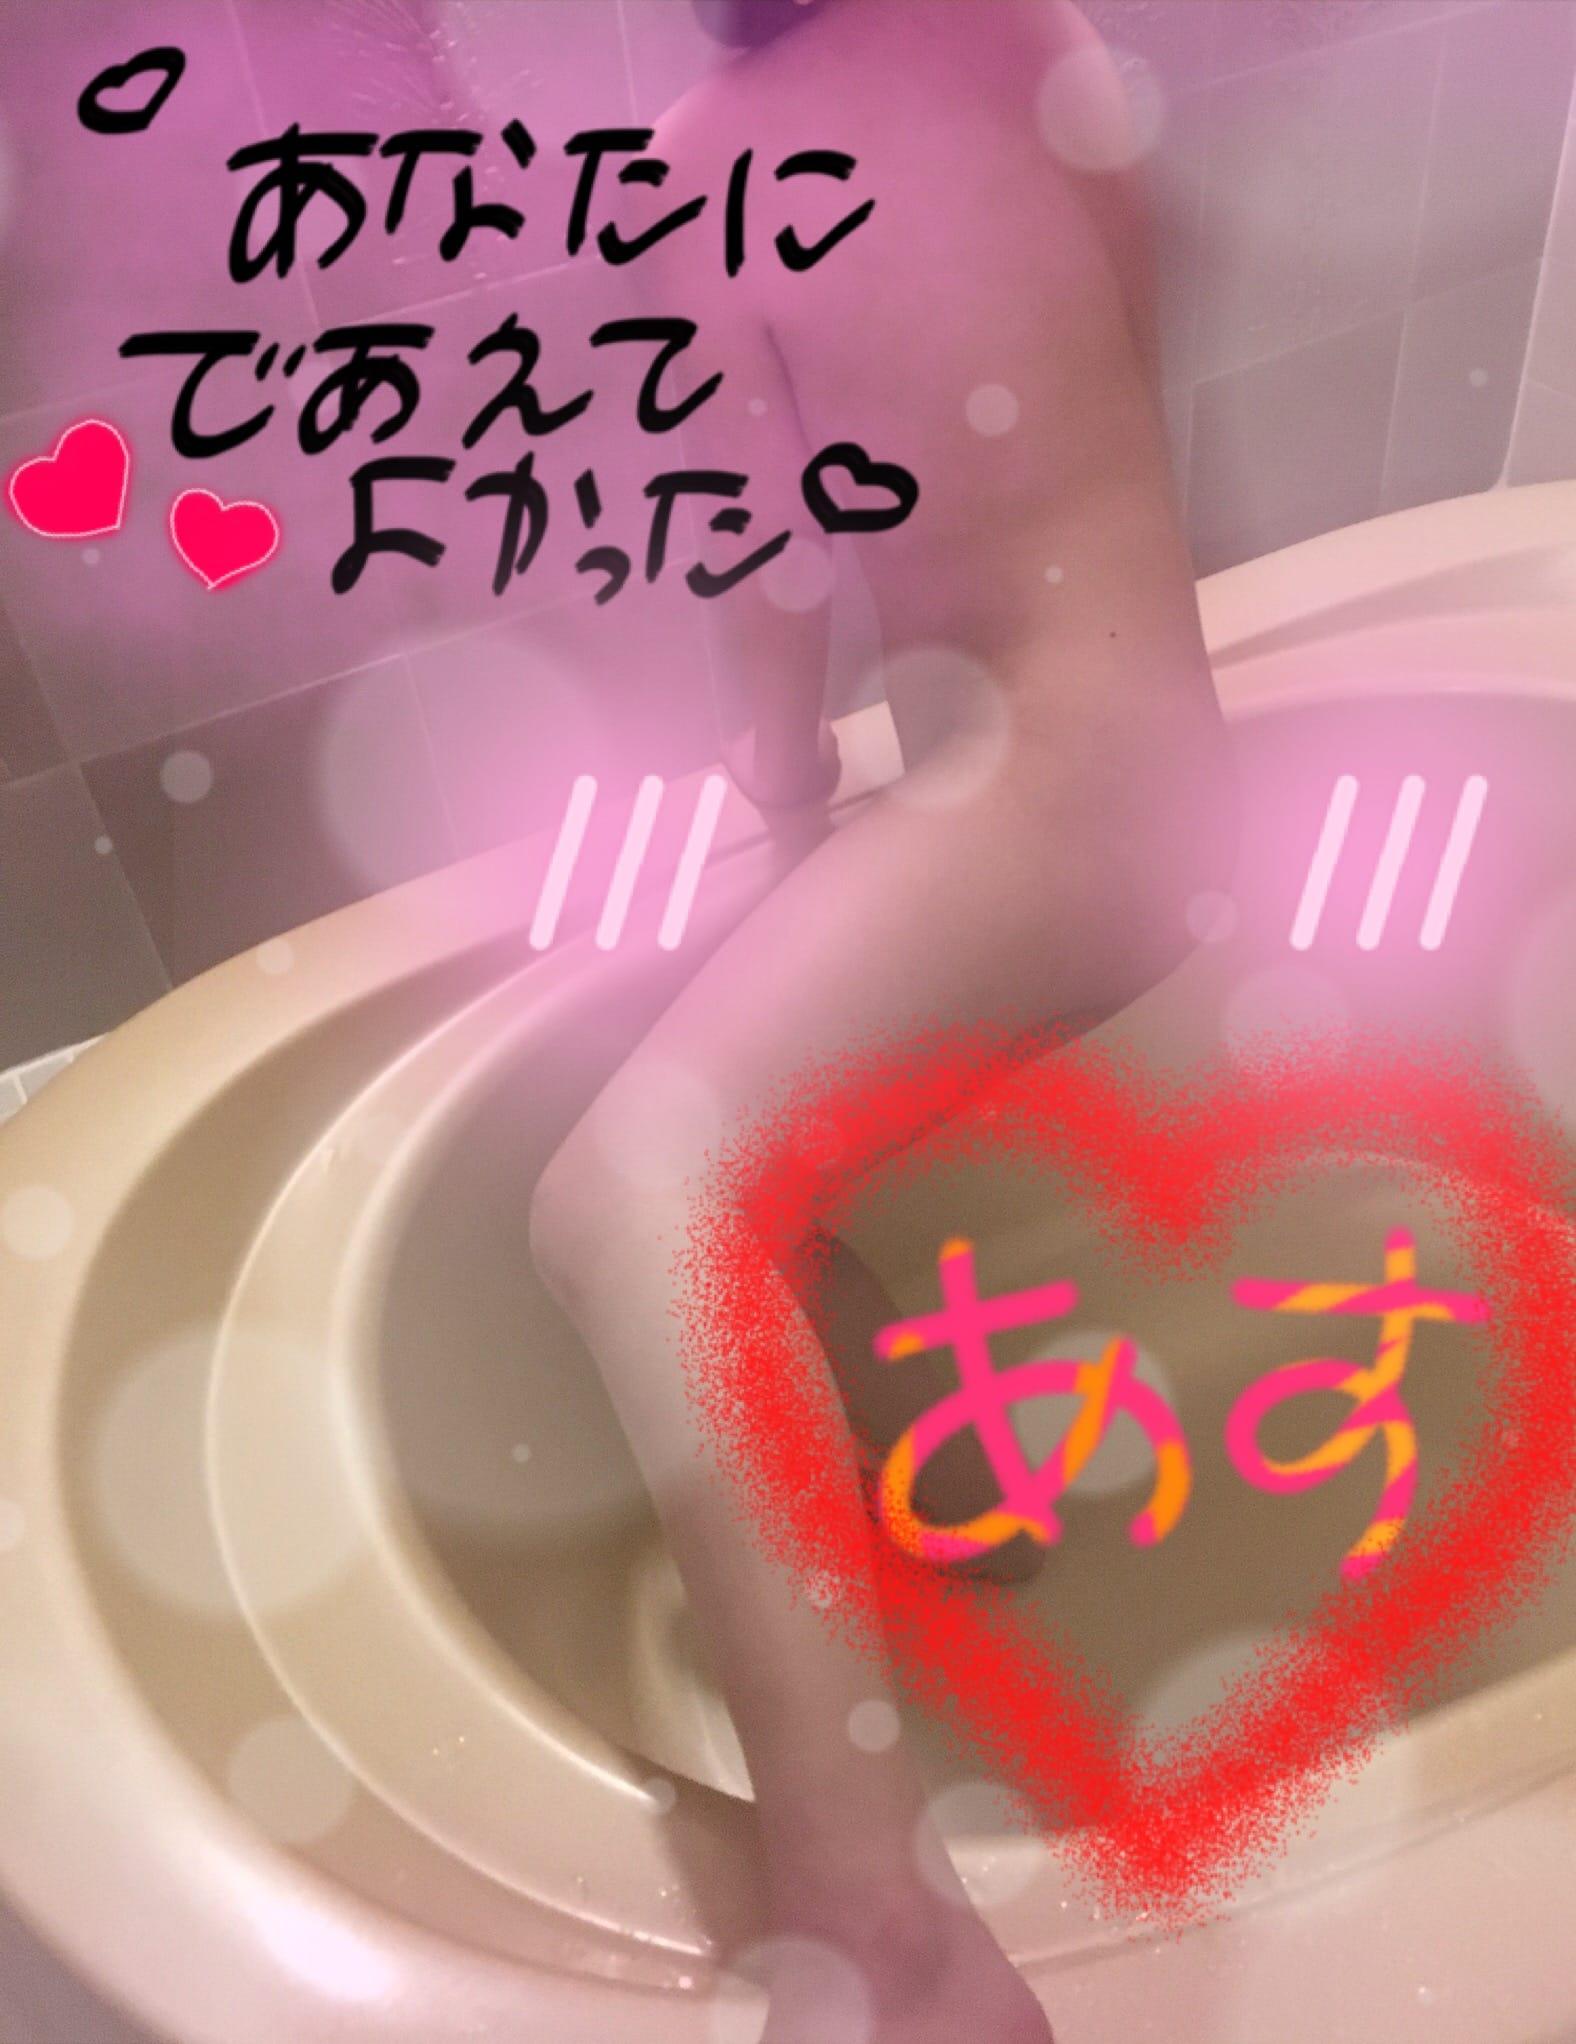 「1人お風呂寂しいー(=^▽^)σ」01/18(木) 00:30   あすの写メ・風俗動画